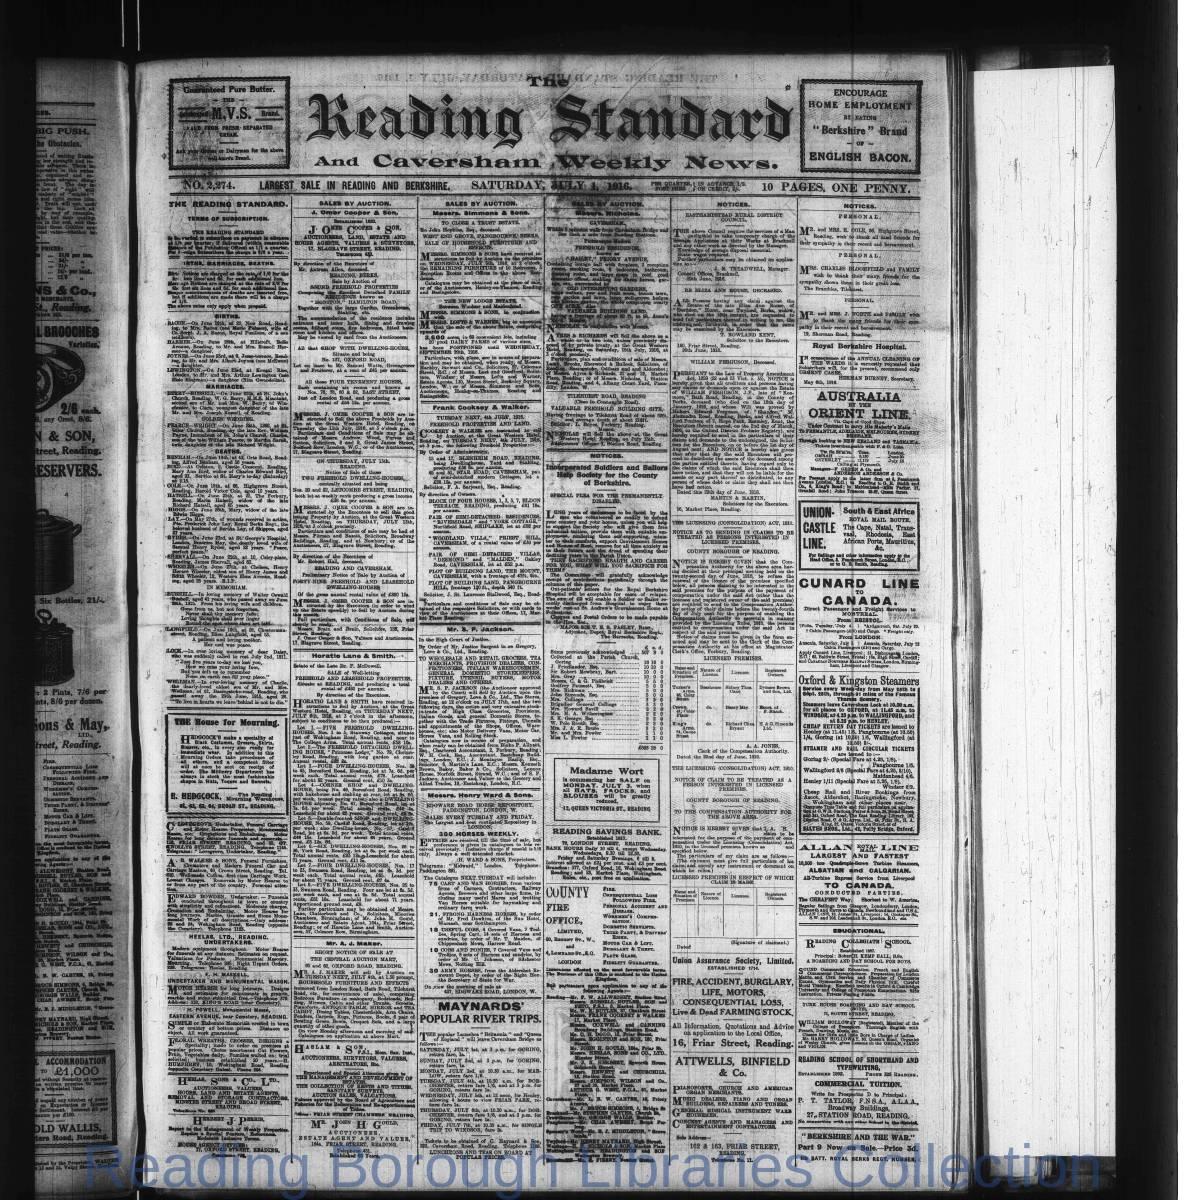 Reading Standard Etc_01-07-1916_00002.jpg